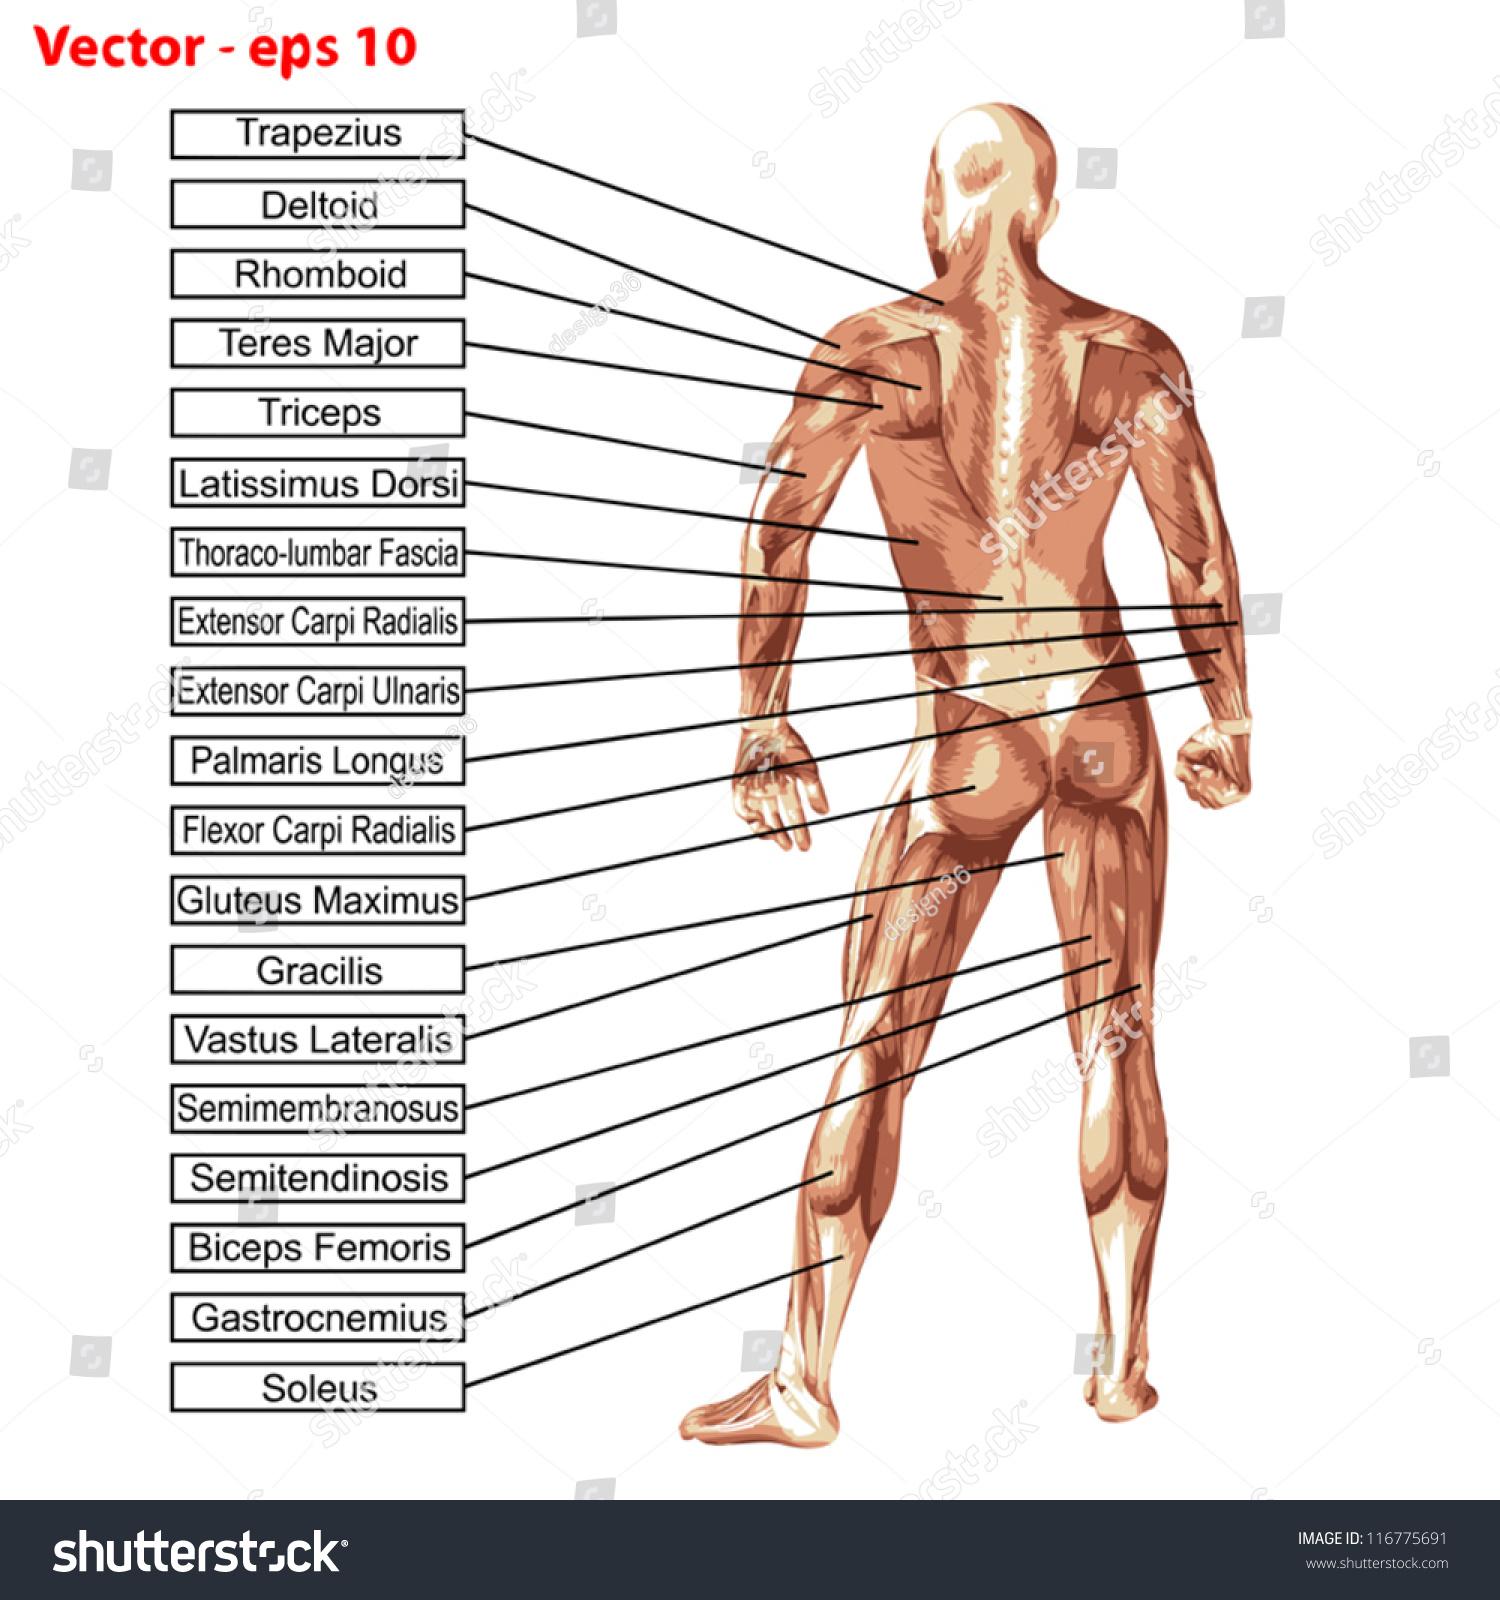 Vector Concept Or Conceptual Human Or Man 3d Anatomy Body